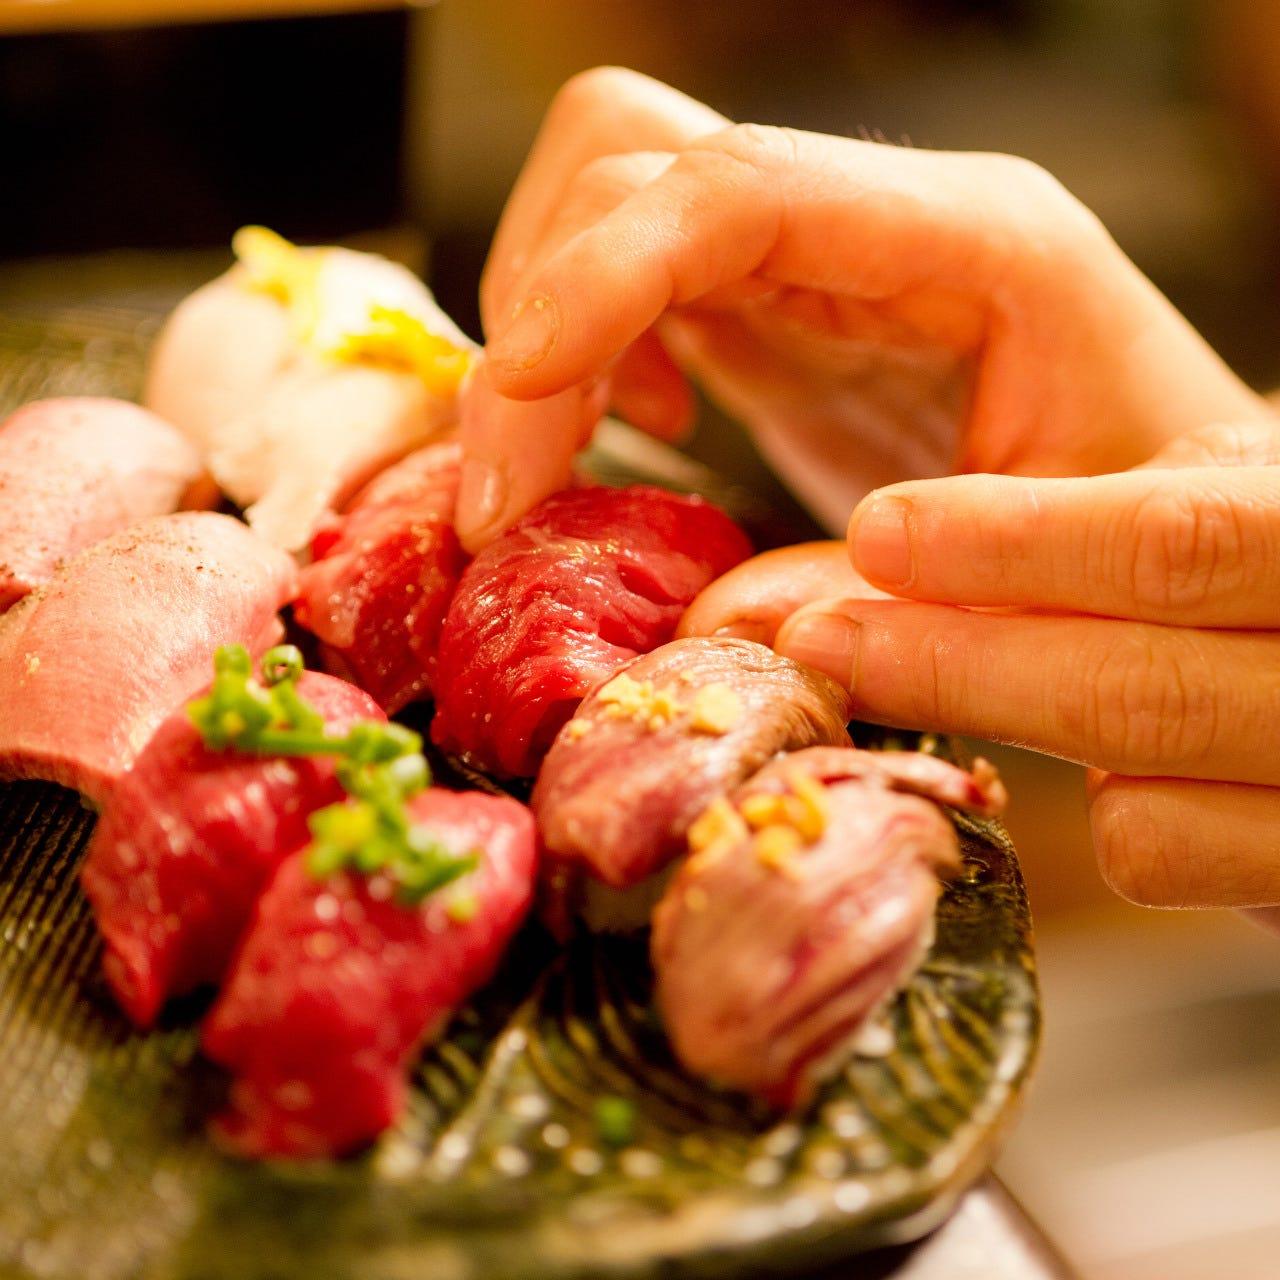 「馬肉に合うお酒」!!肉寿司との相性抜群の飲み物が多数◎